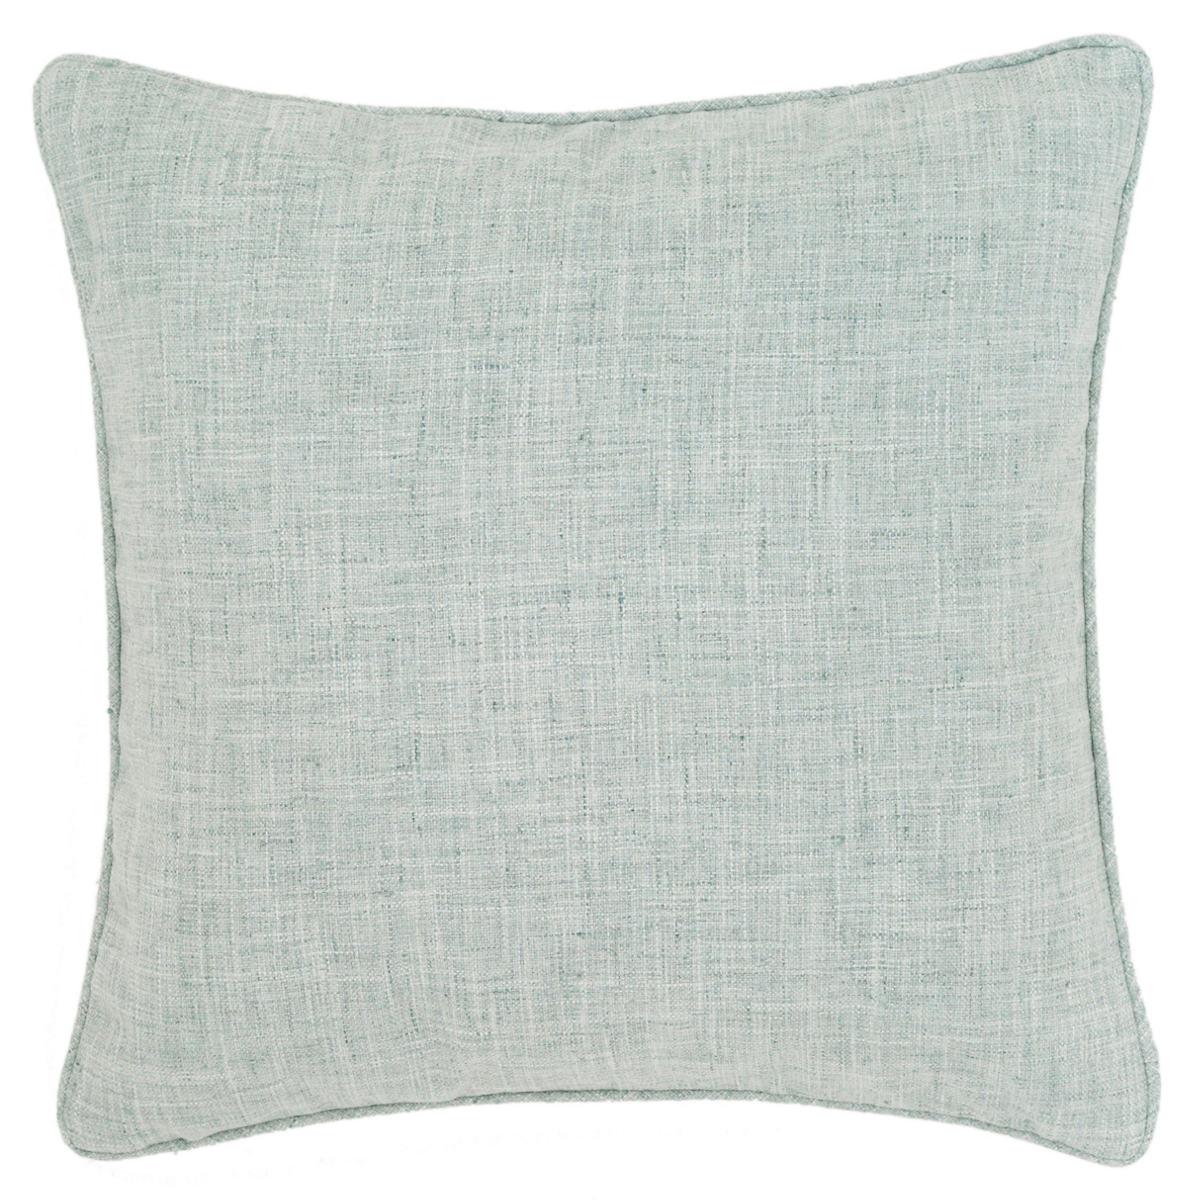 Greylock Light Blue Indoor/Outdoor Decorative Pillow